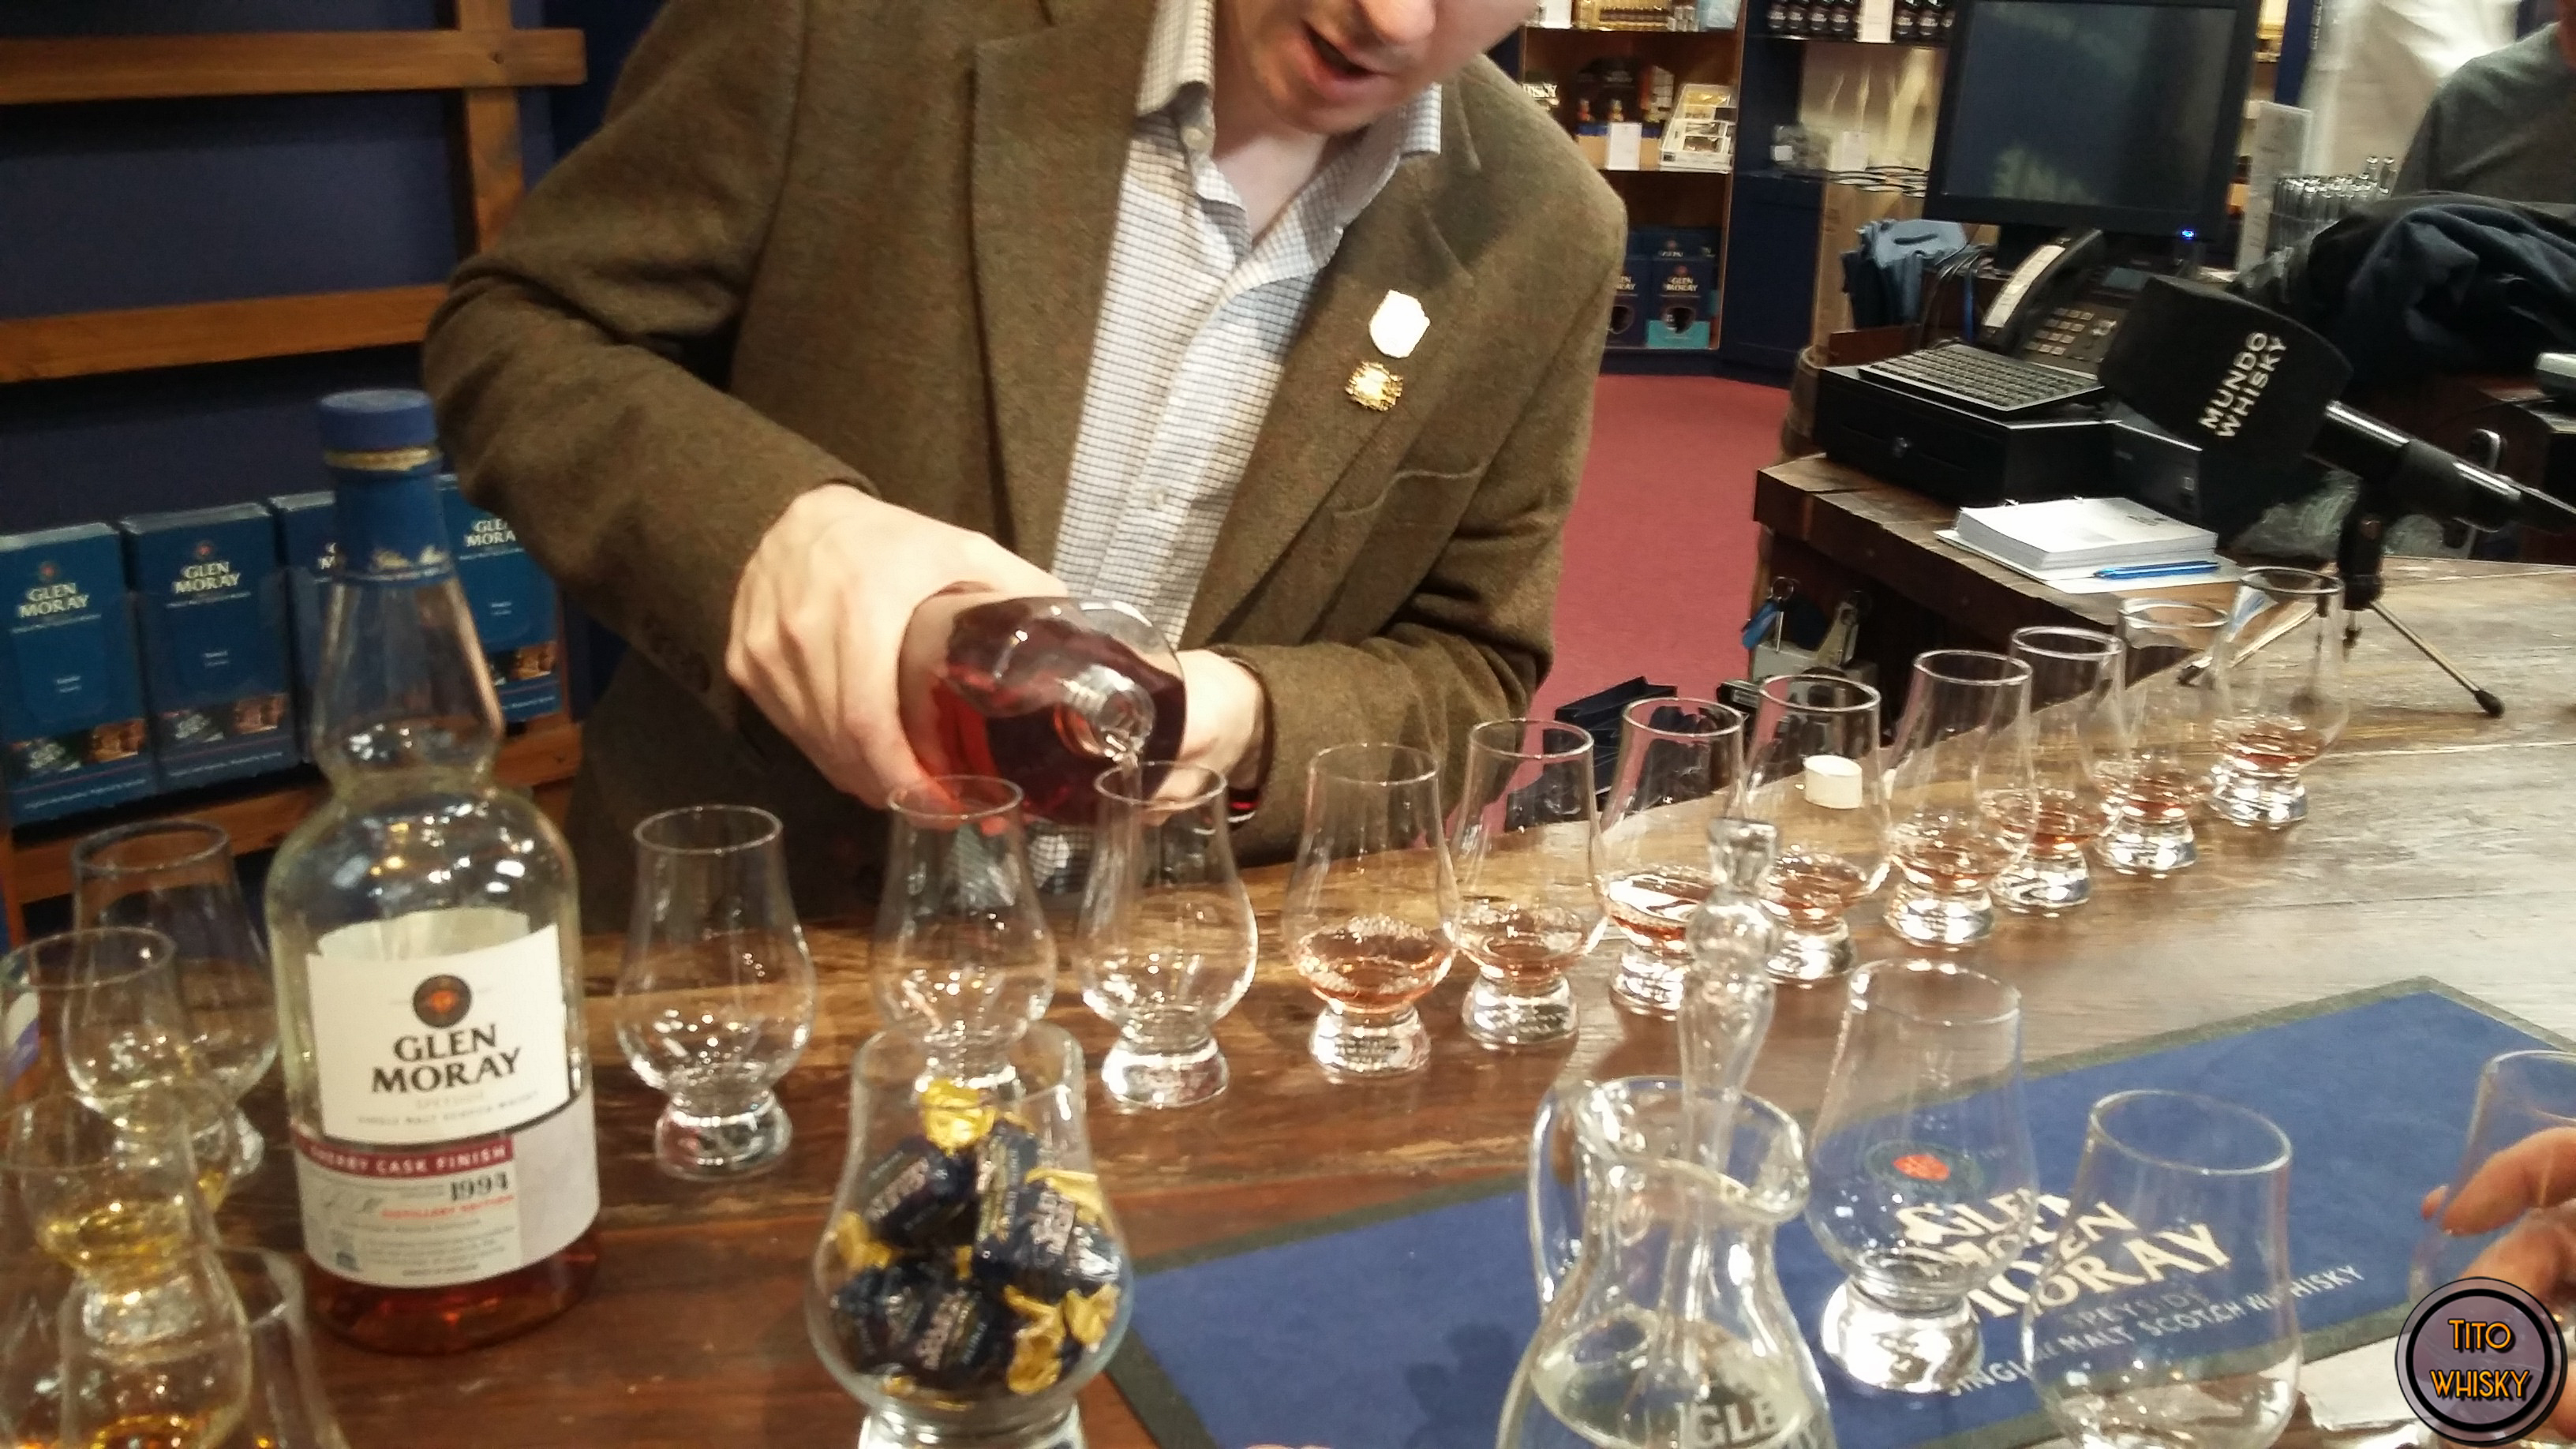 Degustando whisky en la destilería Glen Moray